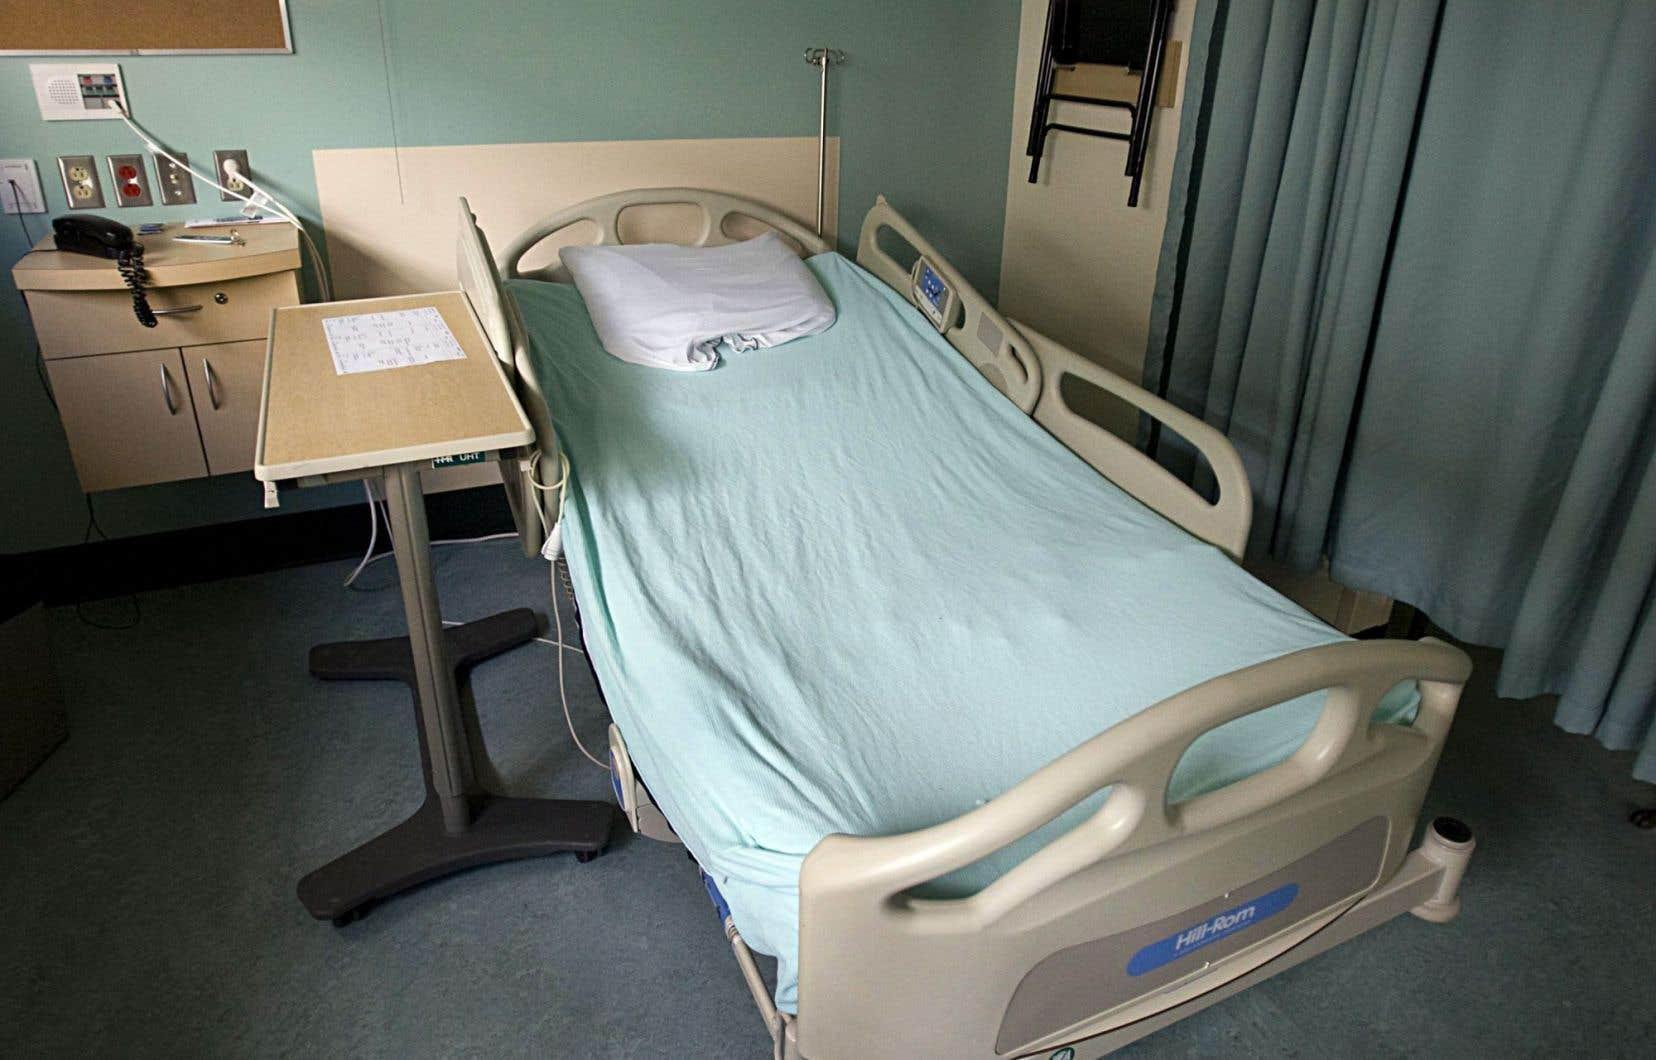 Le taux est calculé en nombre de cas pour 10 000 jours-présence, un jour-présence étant une journée dans un lit d'hospitalisation pour un patient.